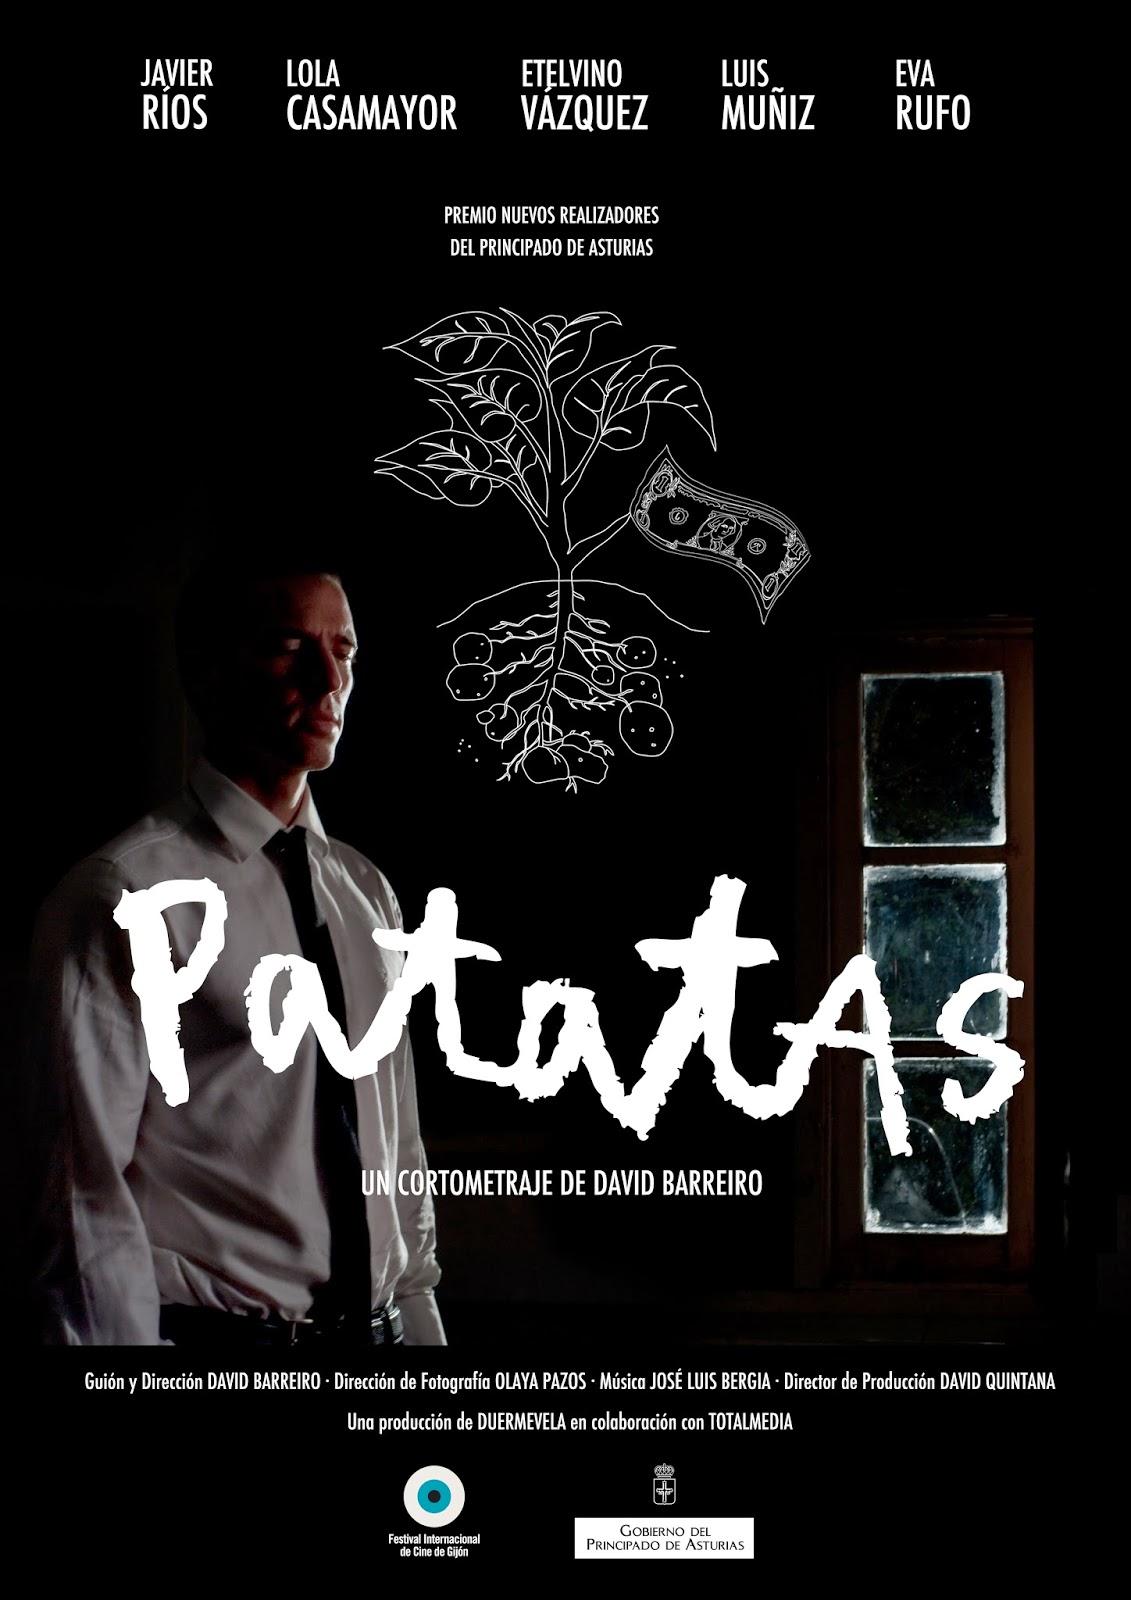 Cartel de Patatas